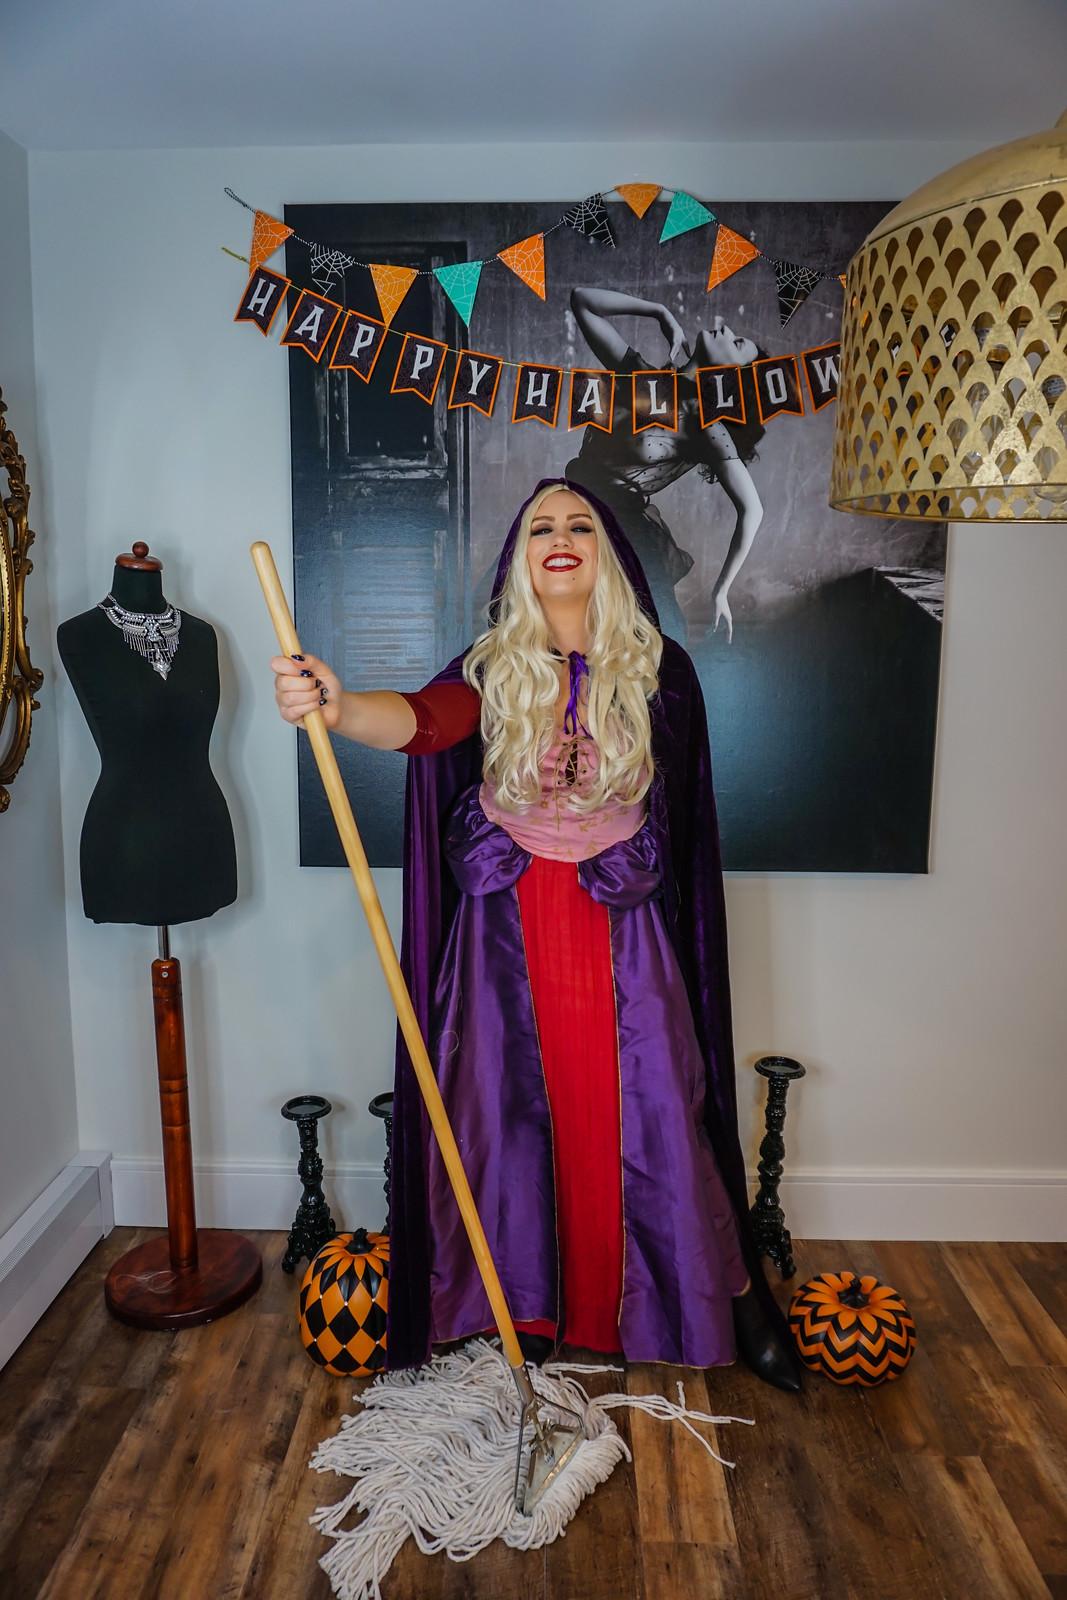 Hocus Pocus Halloween Costume | Sanderson Sisters Costumes | Sarah Sanderson | Sanderson Witches | Girl Group Halloween Costume | Halloween Costumes College | 2020 Halloween DIY